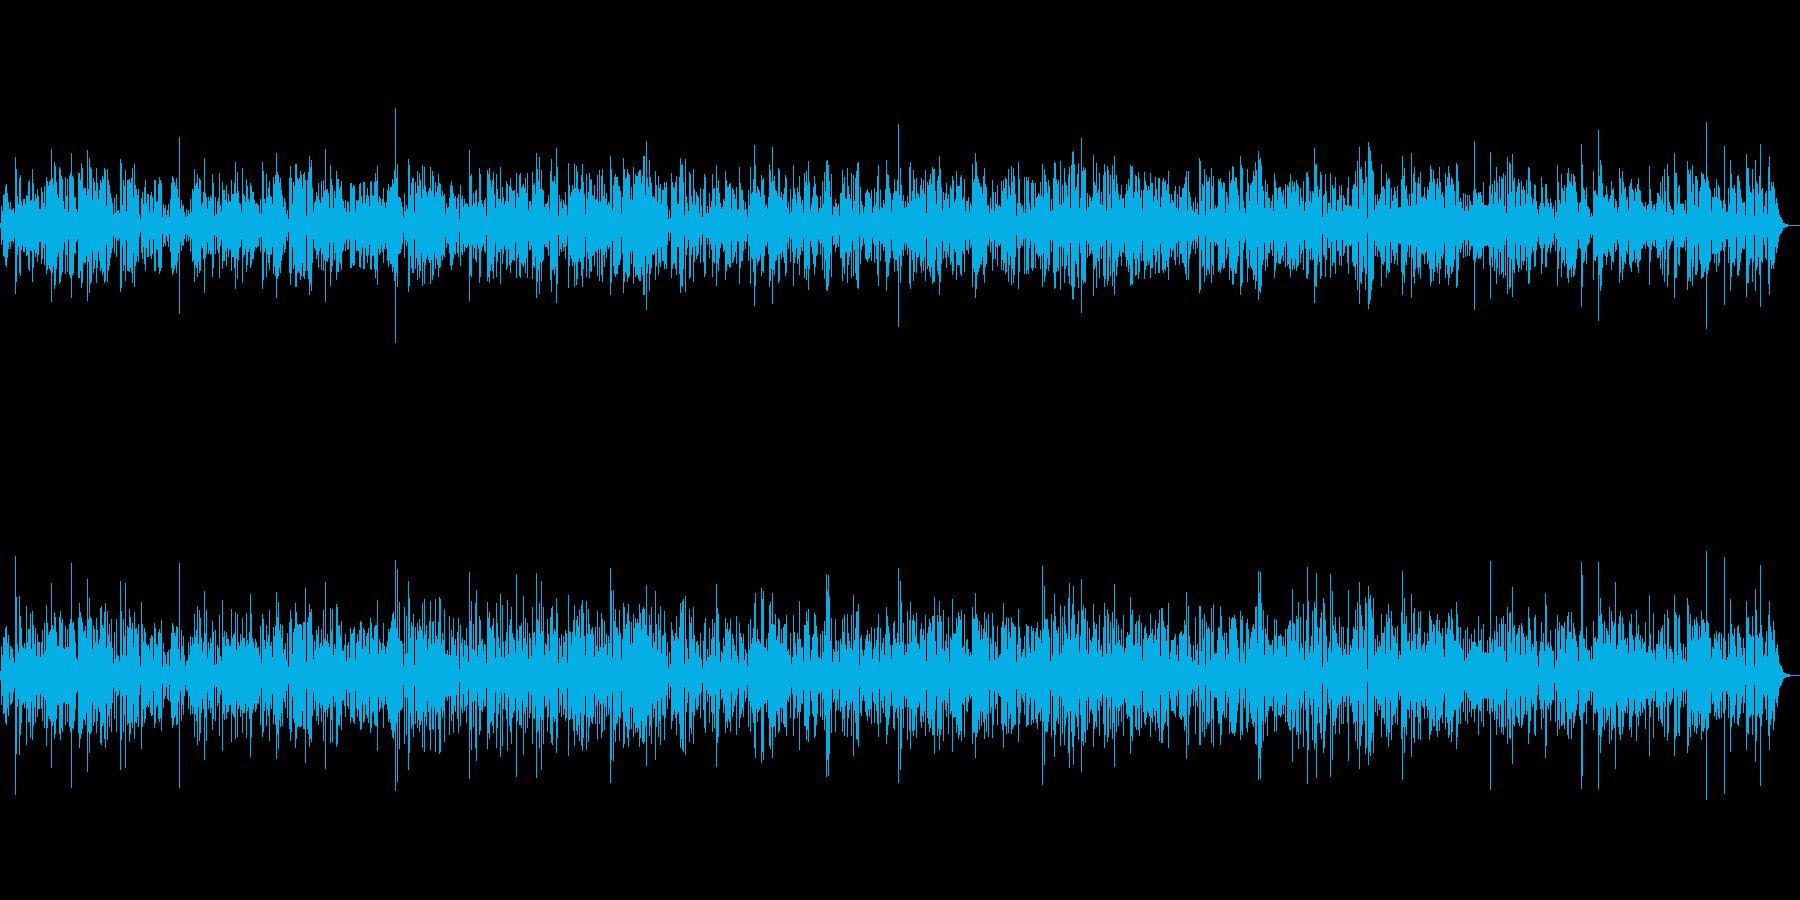 JAZZ 優しく流れるギタージャズBGMの再生済みの波形